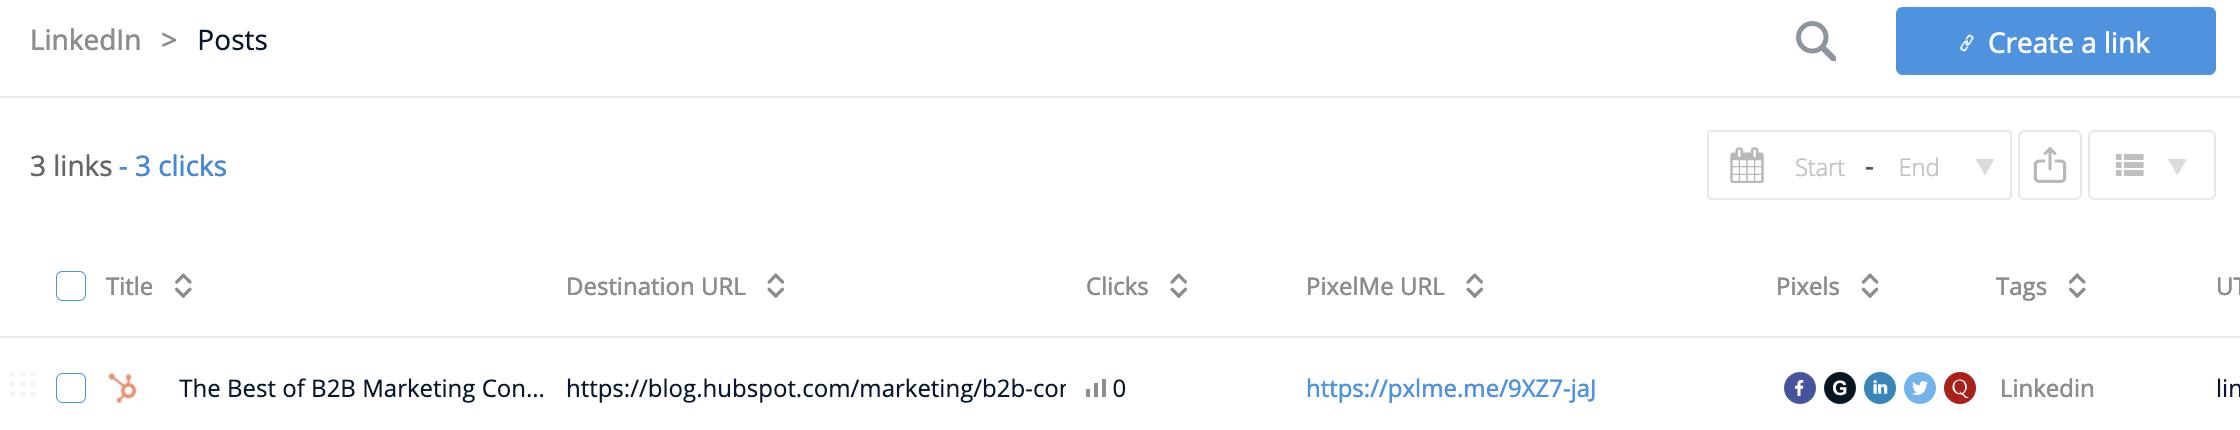 New PixelMe link